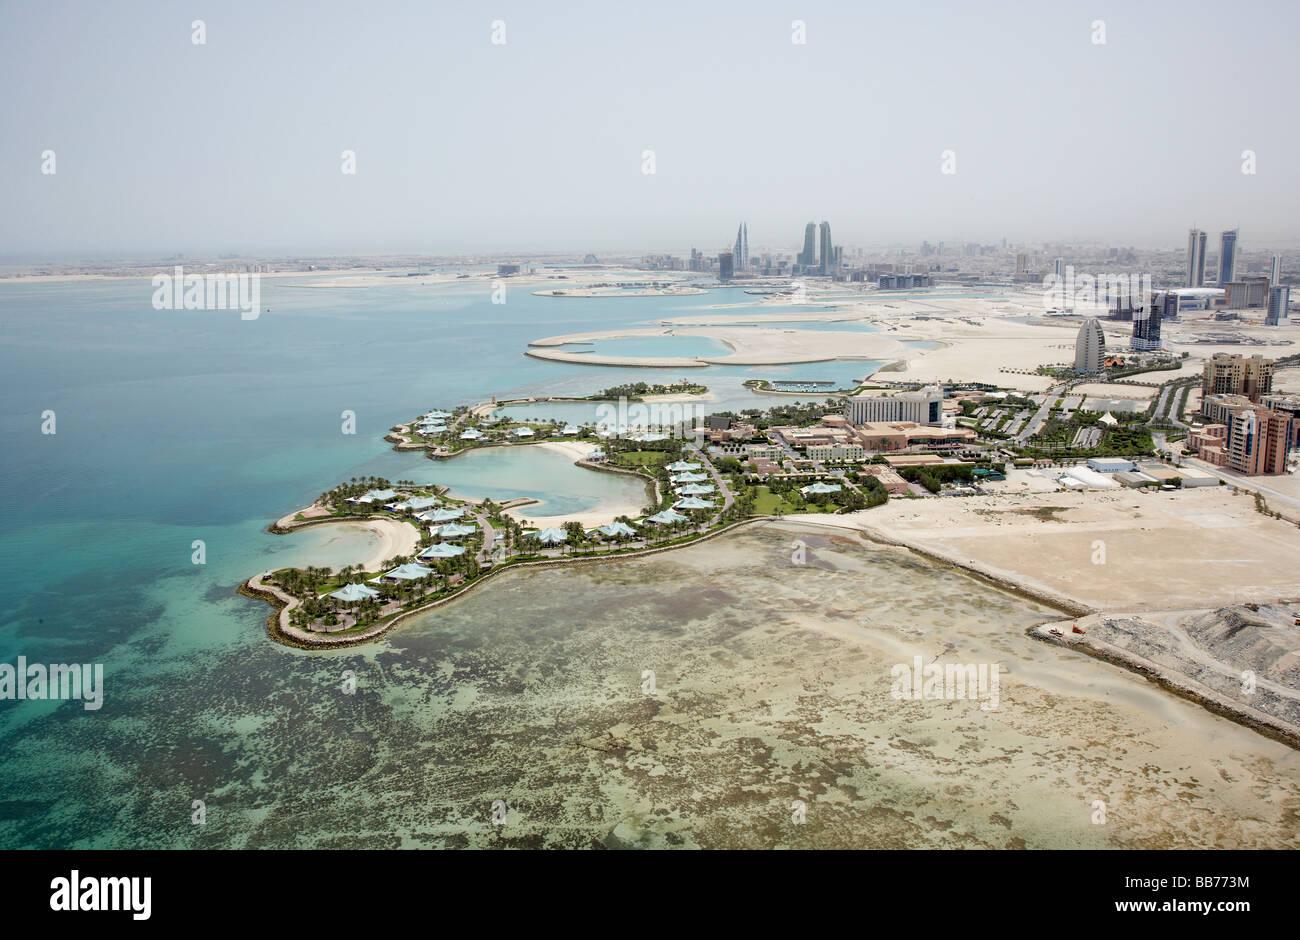 Fotografía aérea del Ritz Carlton Hotel and Resort Manama Bahrein Imagen De Stock